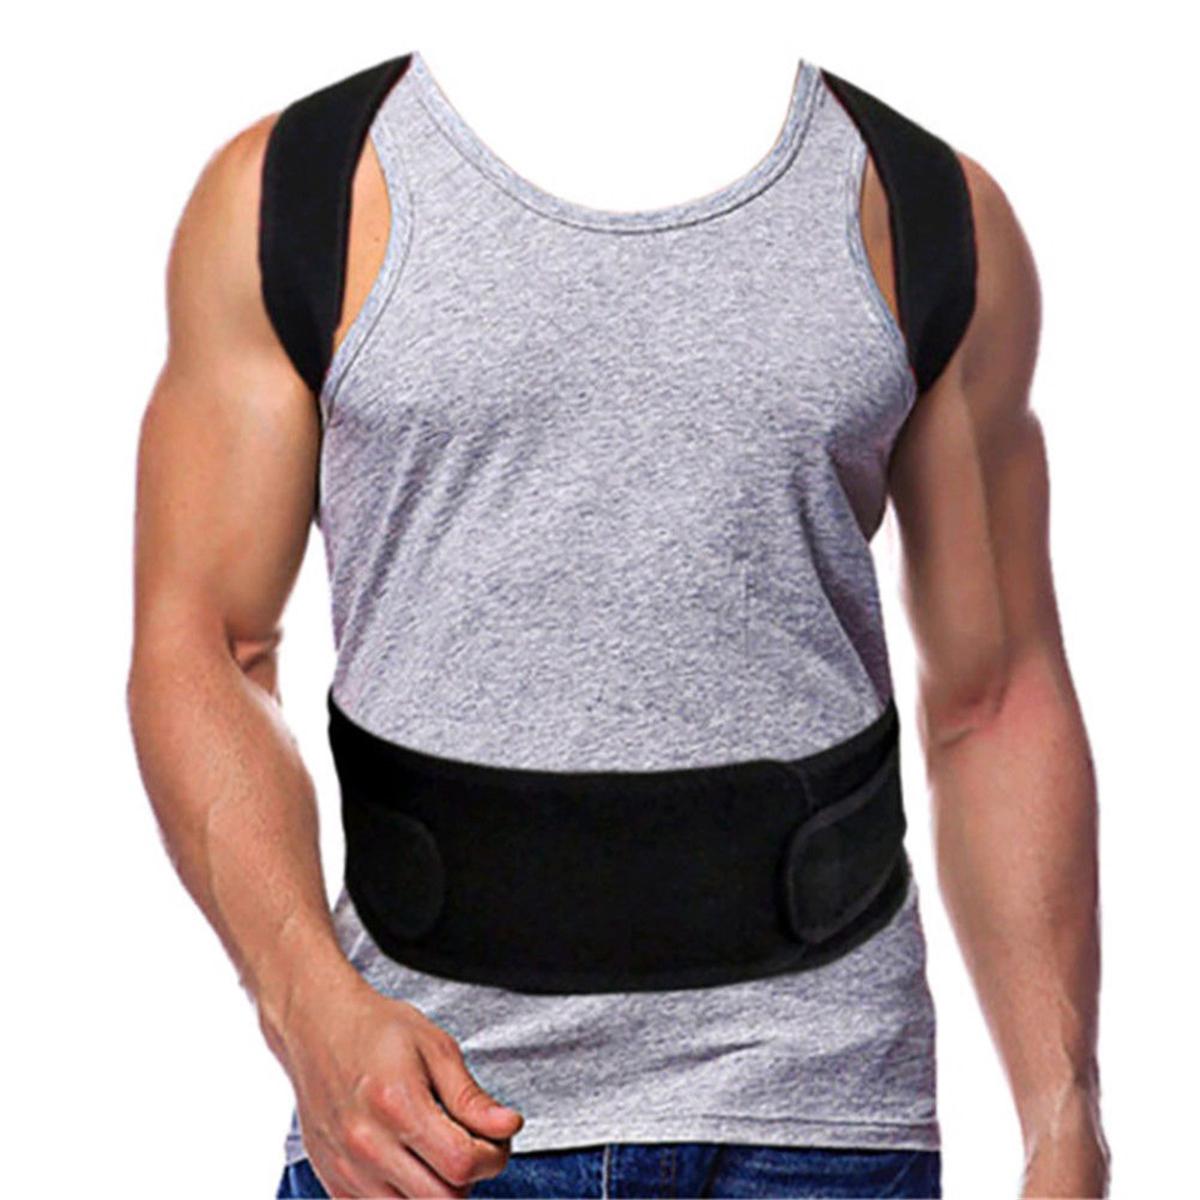 Регулируемая задняя поддержка Ремень Задняя стойка Корректор на плече поясничного отдела позвоночника Back Protector - фото 8a43efff-4533-469a-91c1-afb28bff2996.jpg